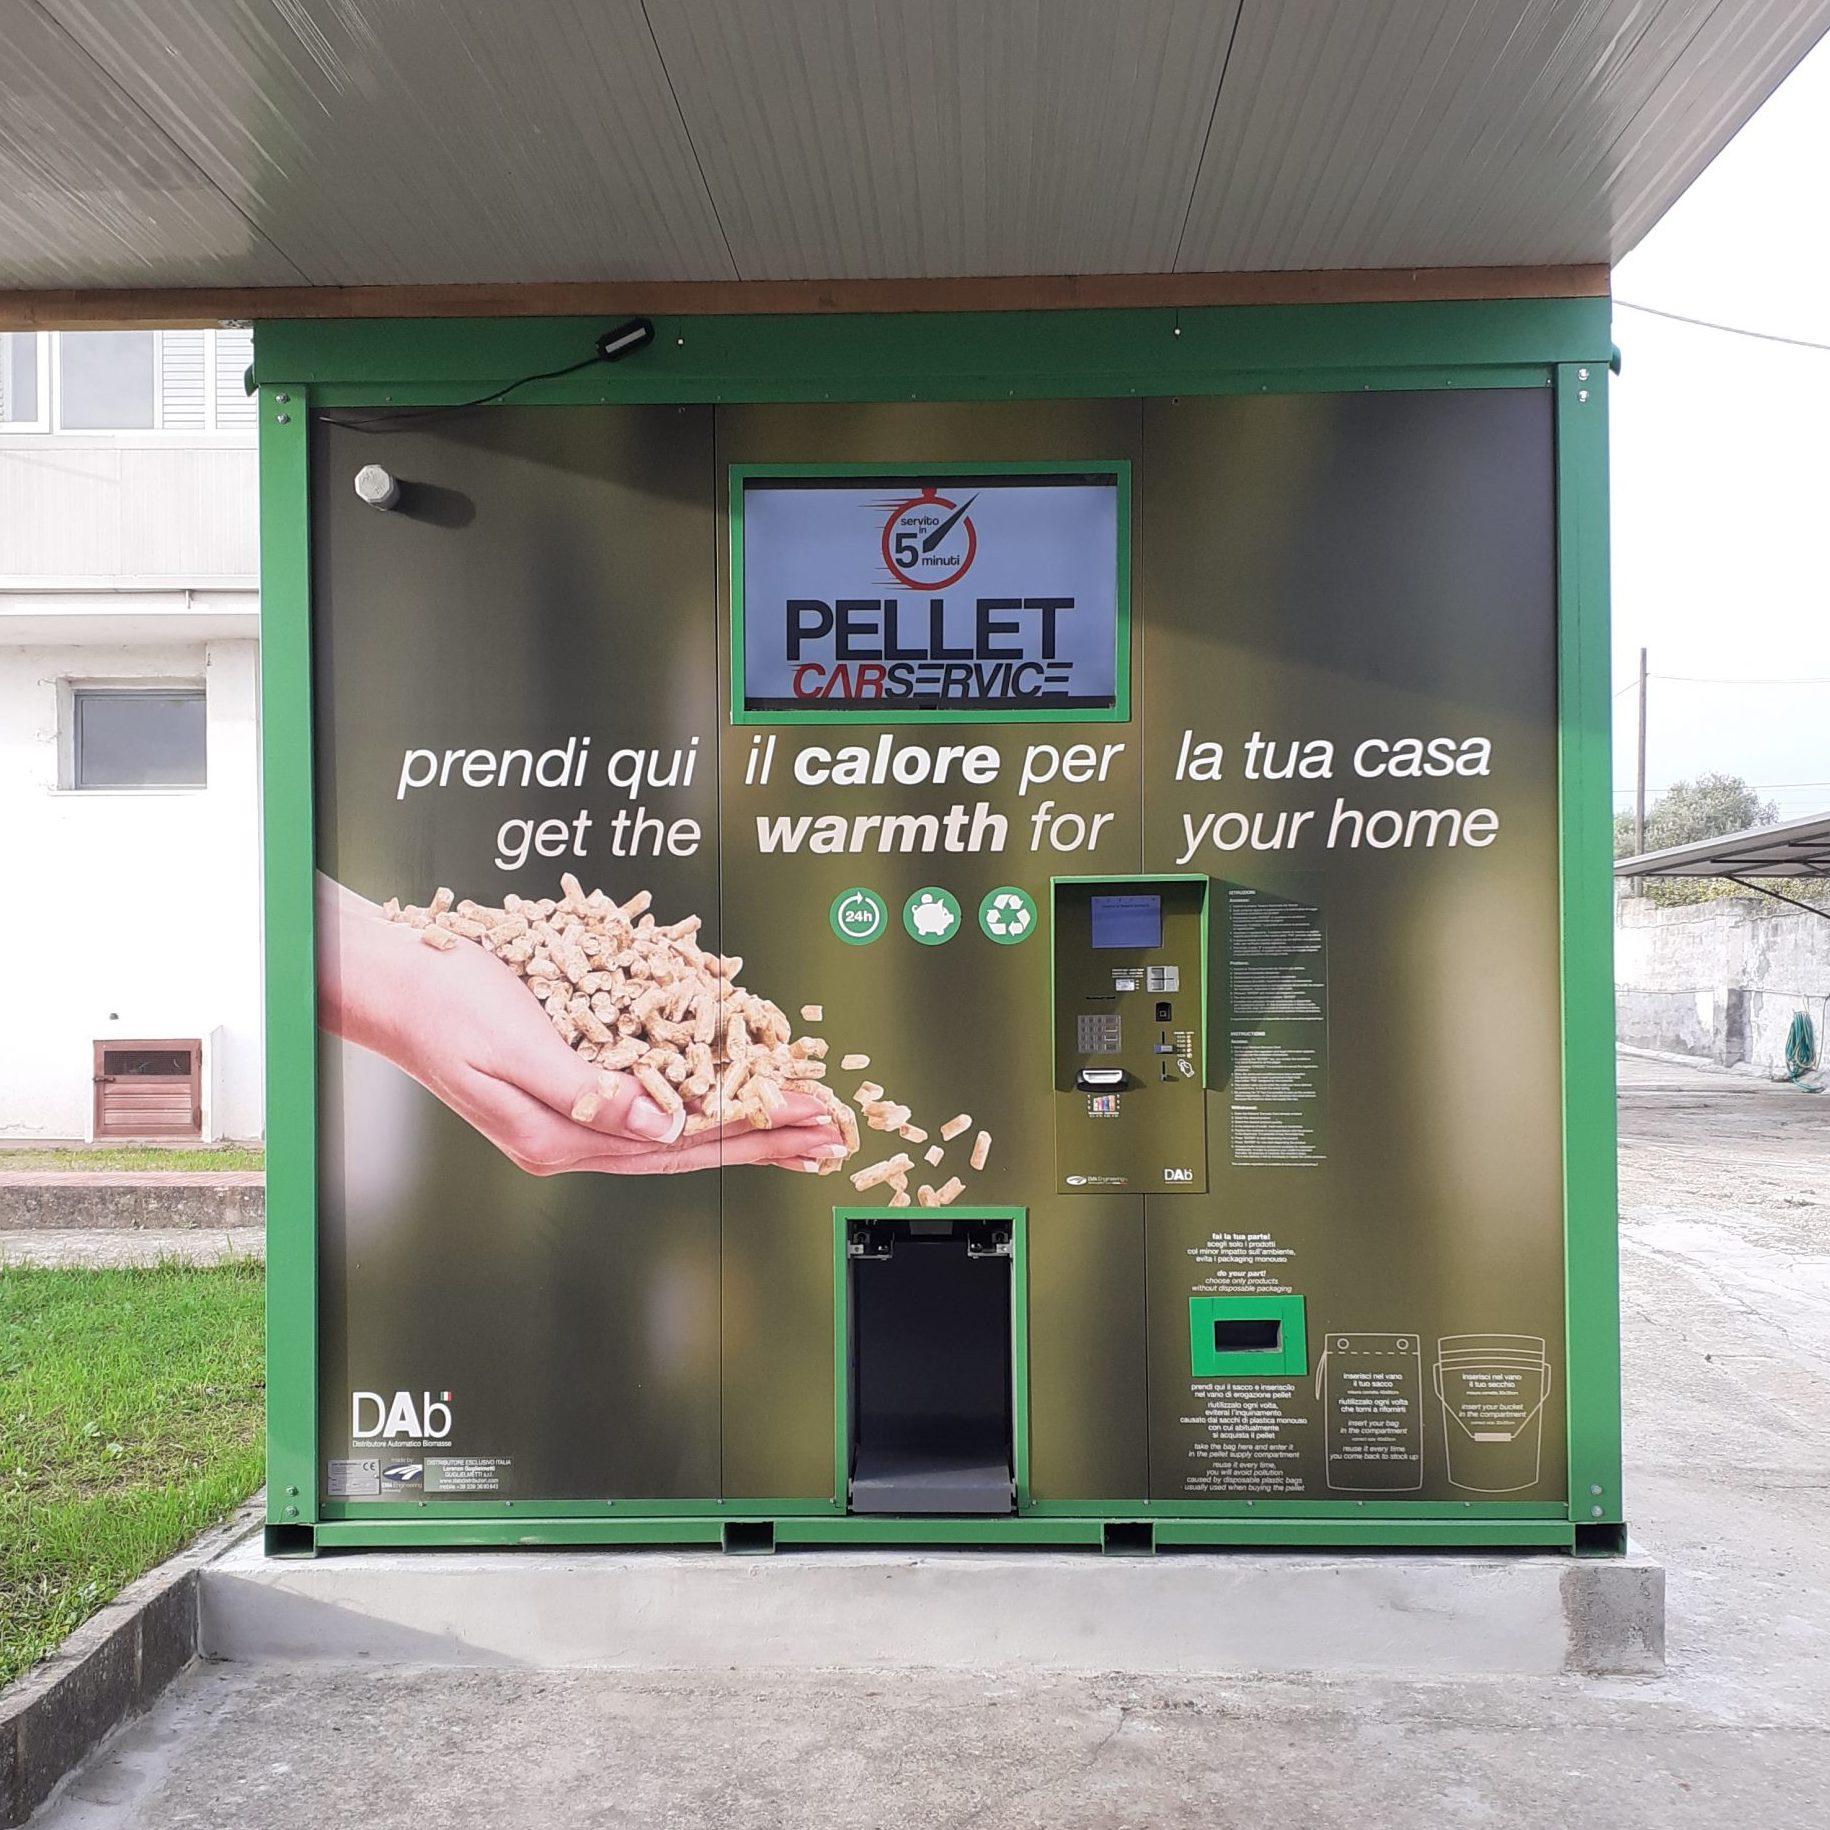 Distributore automatico di pellet sfuso